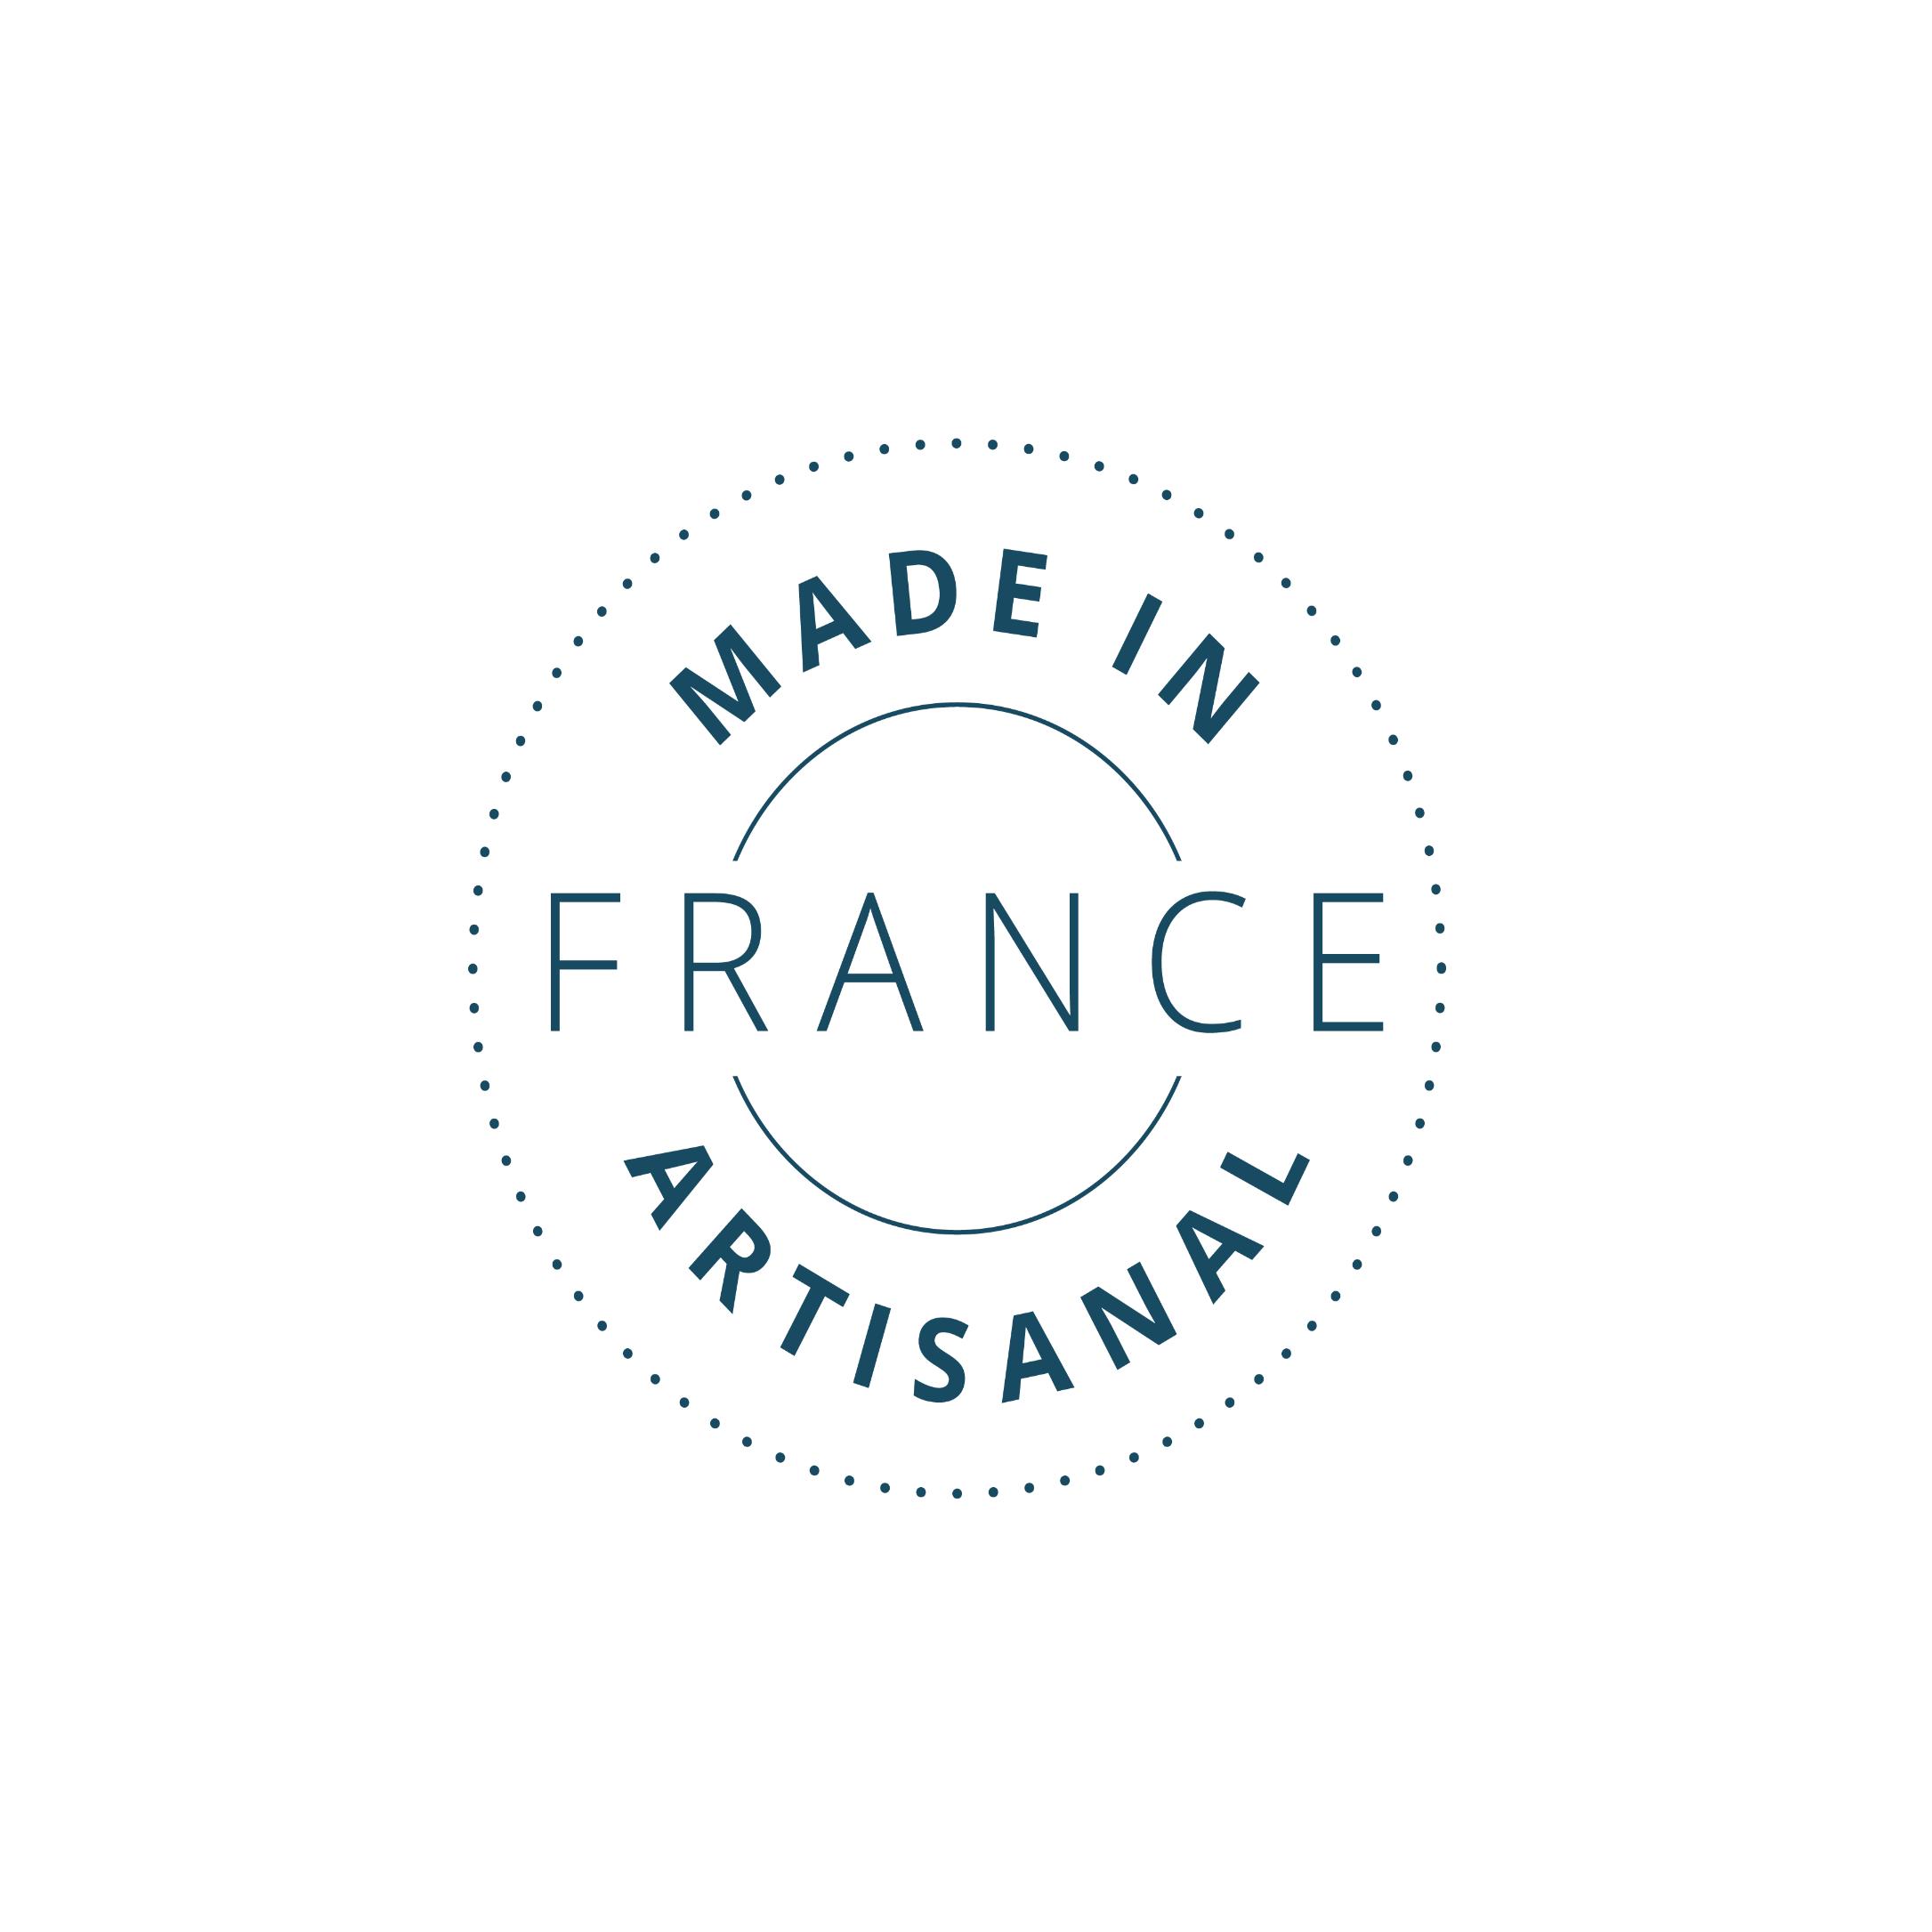 made in france artisanal